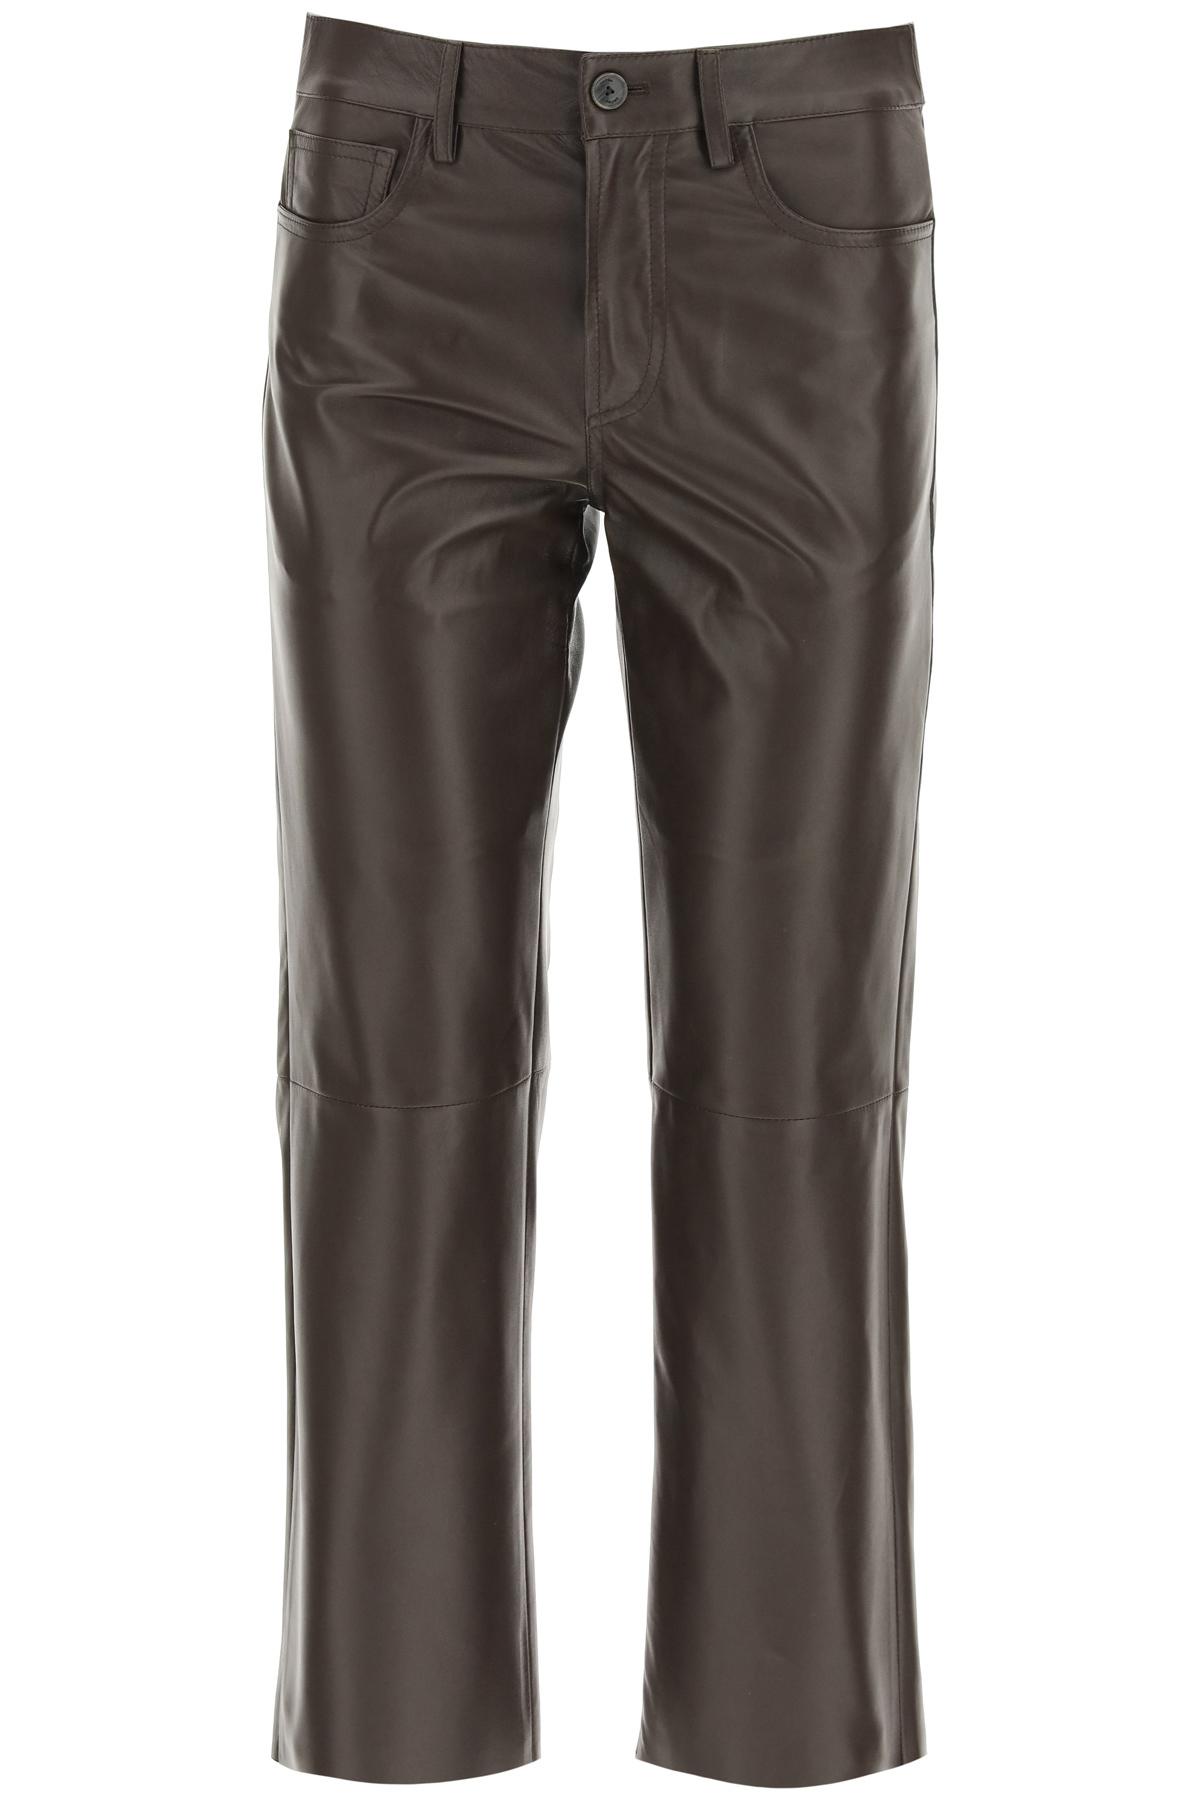 Drome pantaloni cinque tasche cropped